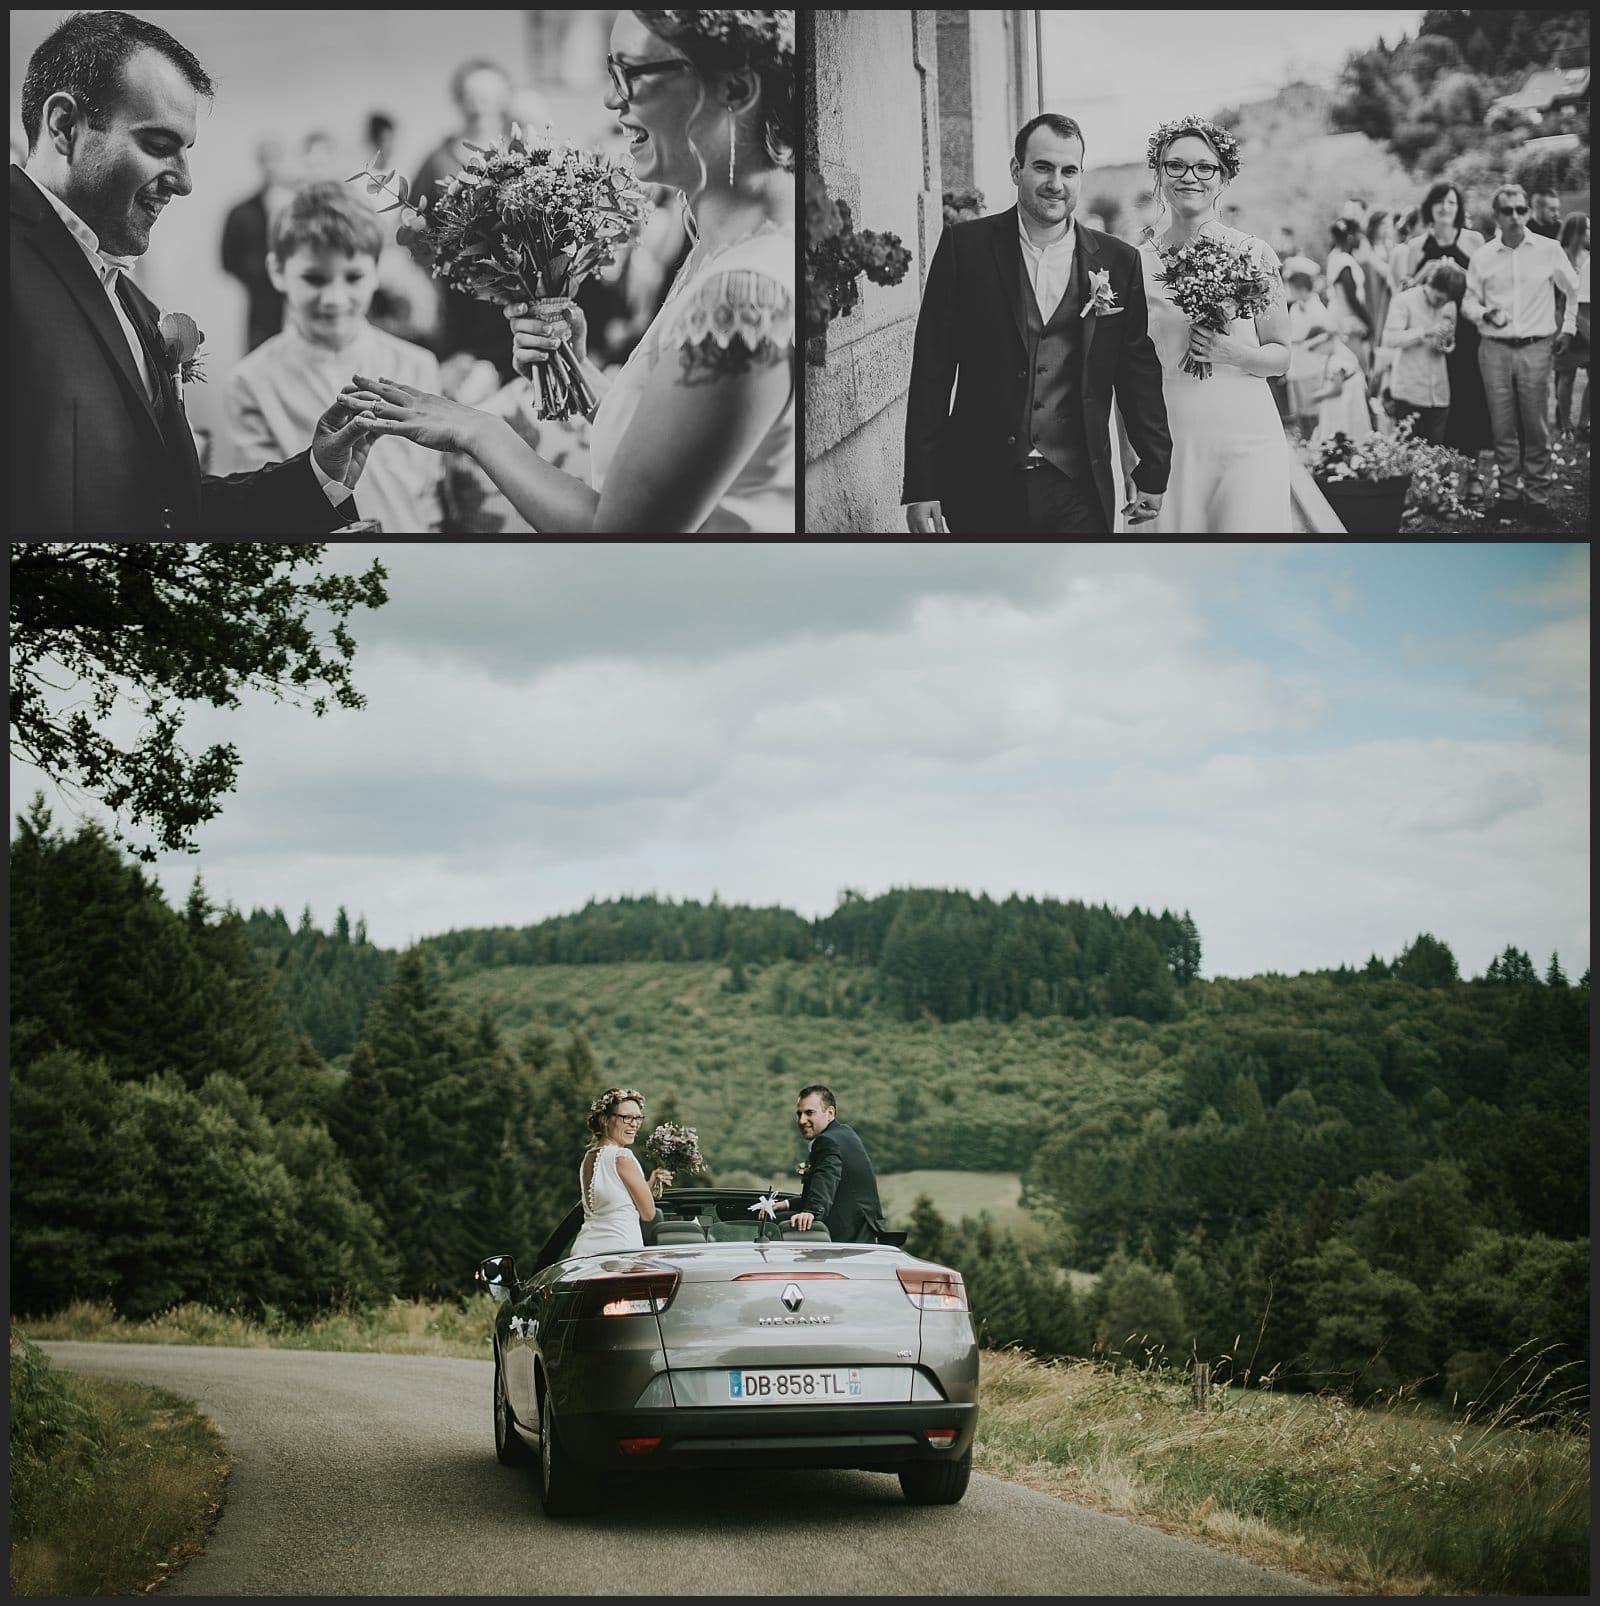 Echange des alliances, sortie de la marie et départ en voiture des mariés